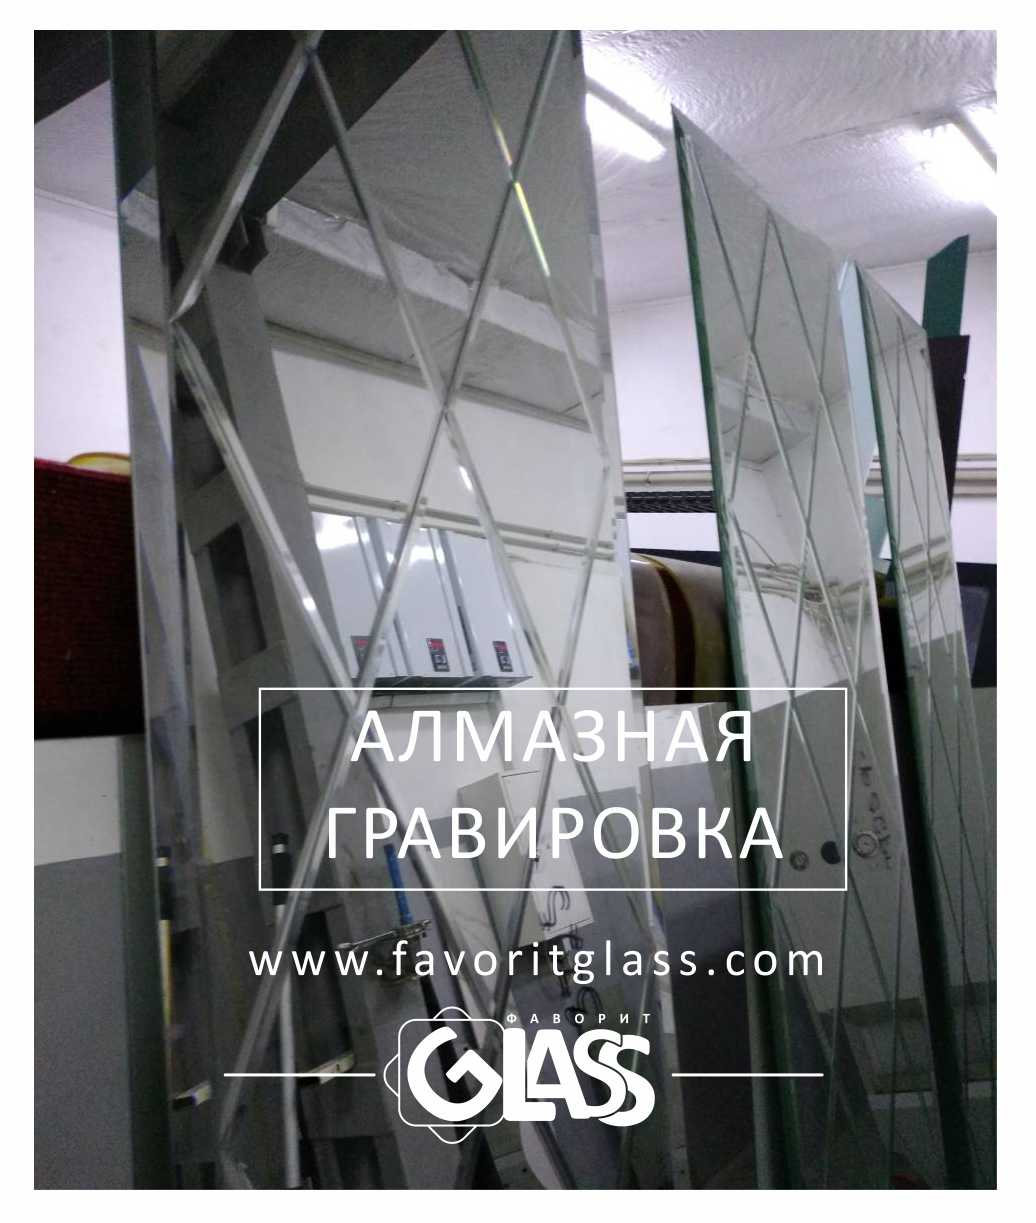 Алмазная Графировка на зеркале  с фацето